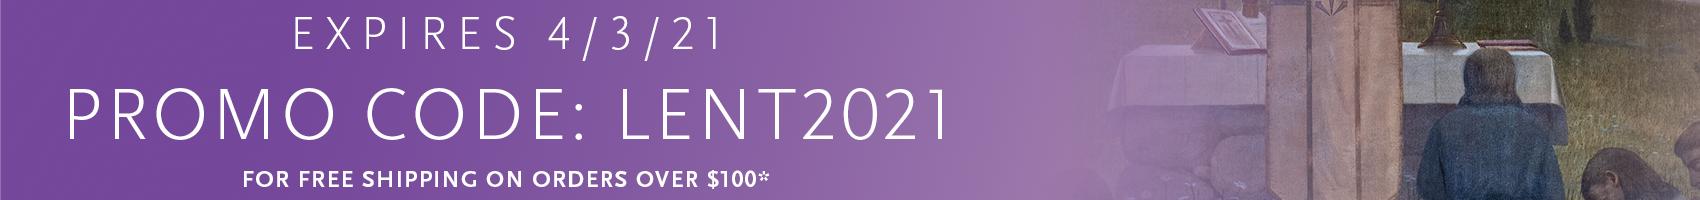 jesuit-sources-lenten-promotion-2021-coupon